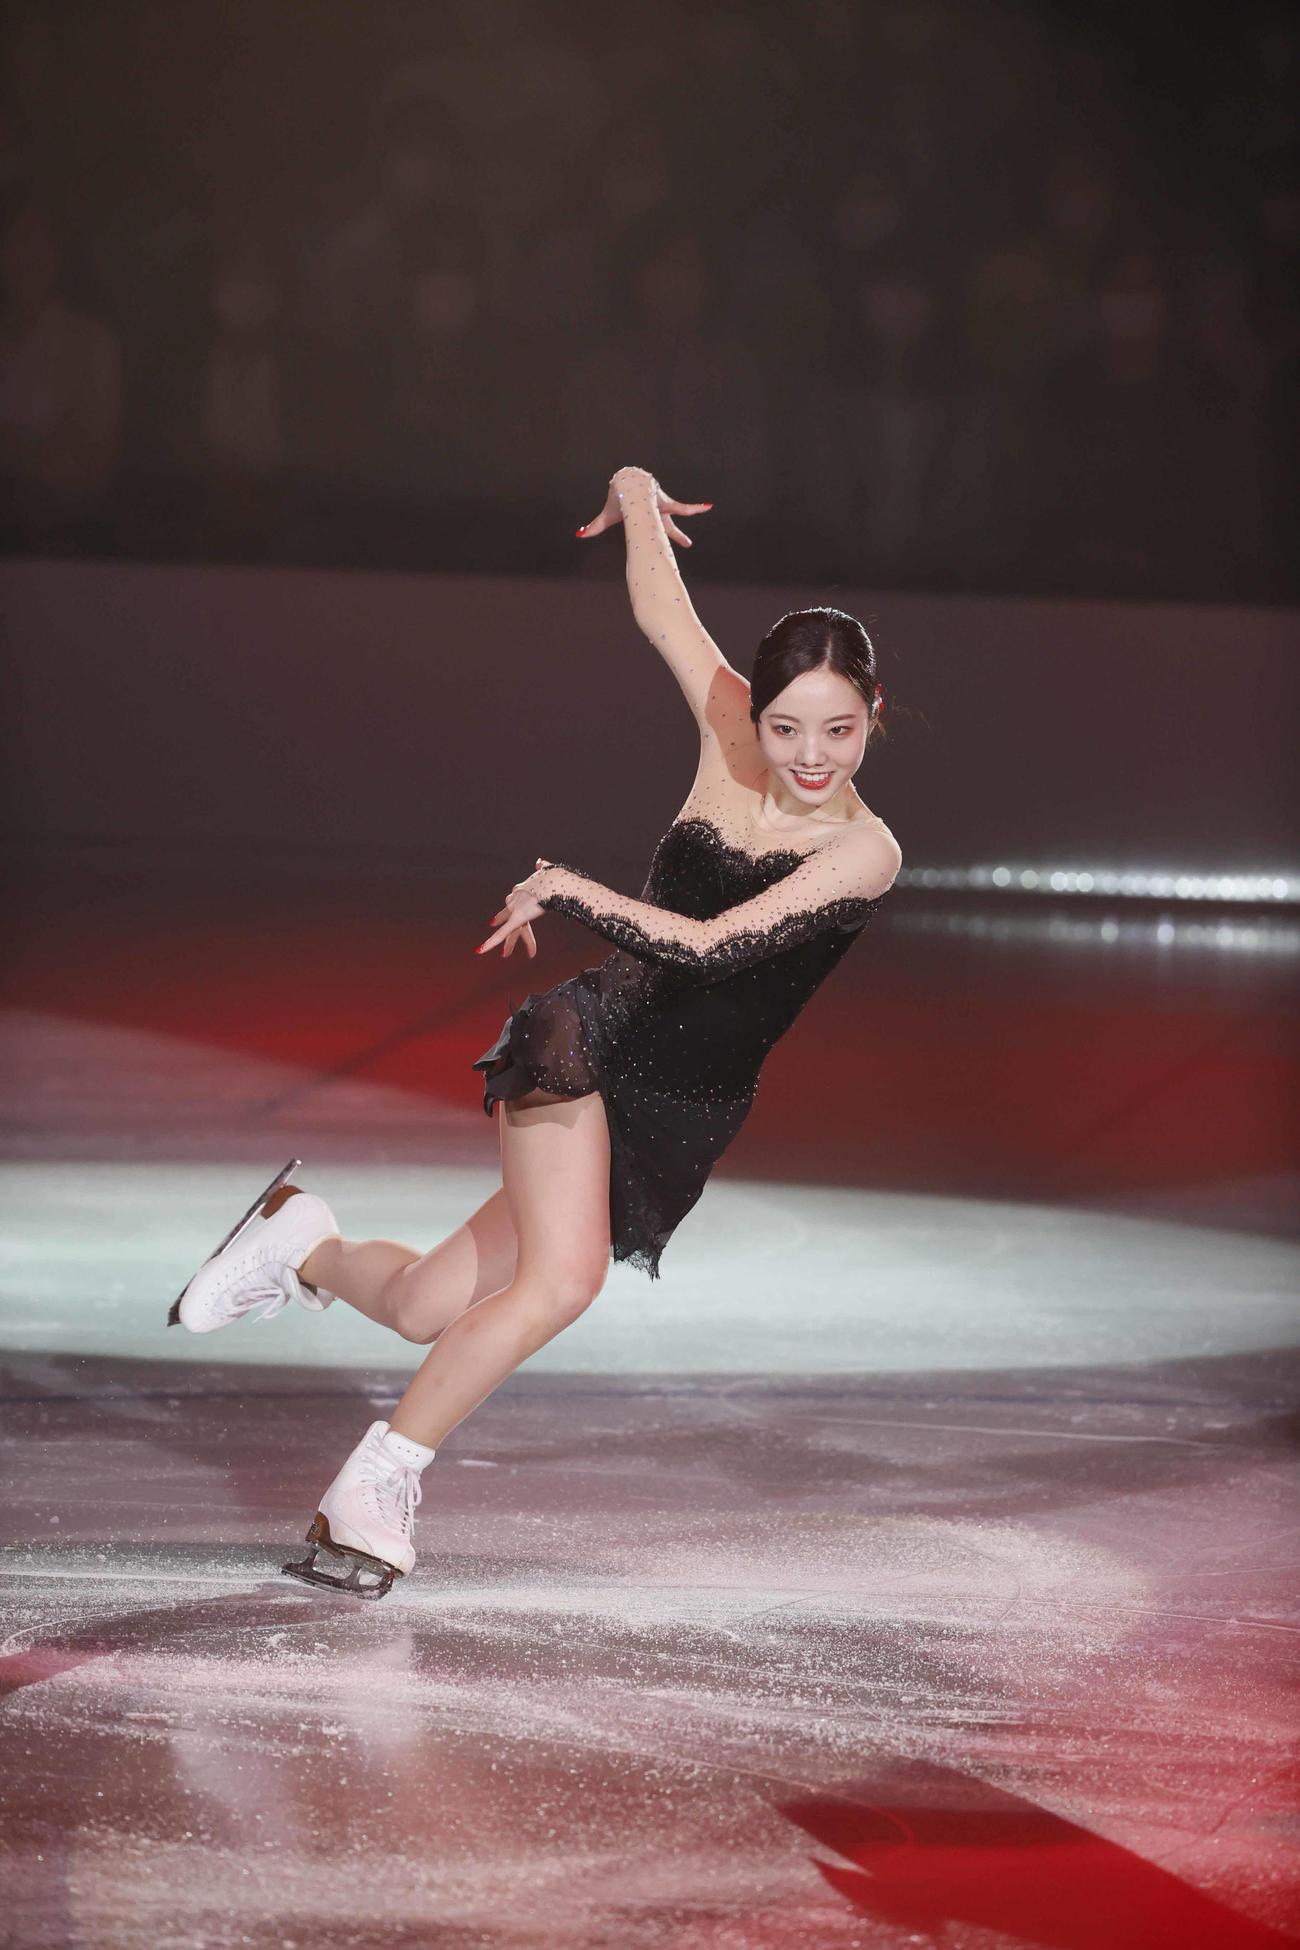 ザ・アイスで演技する本田真凜(C)THE ICE 2021/Koichi Nakamura